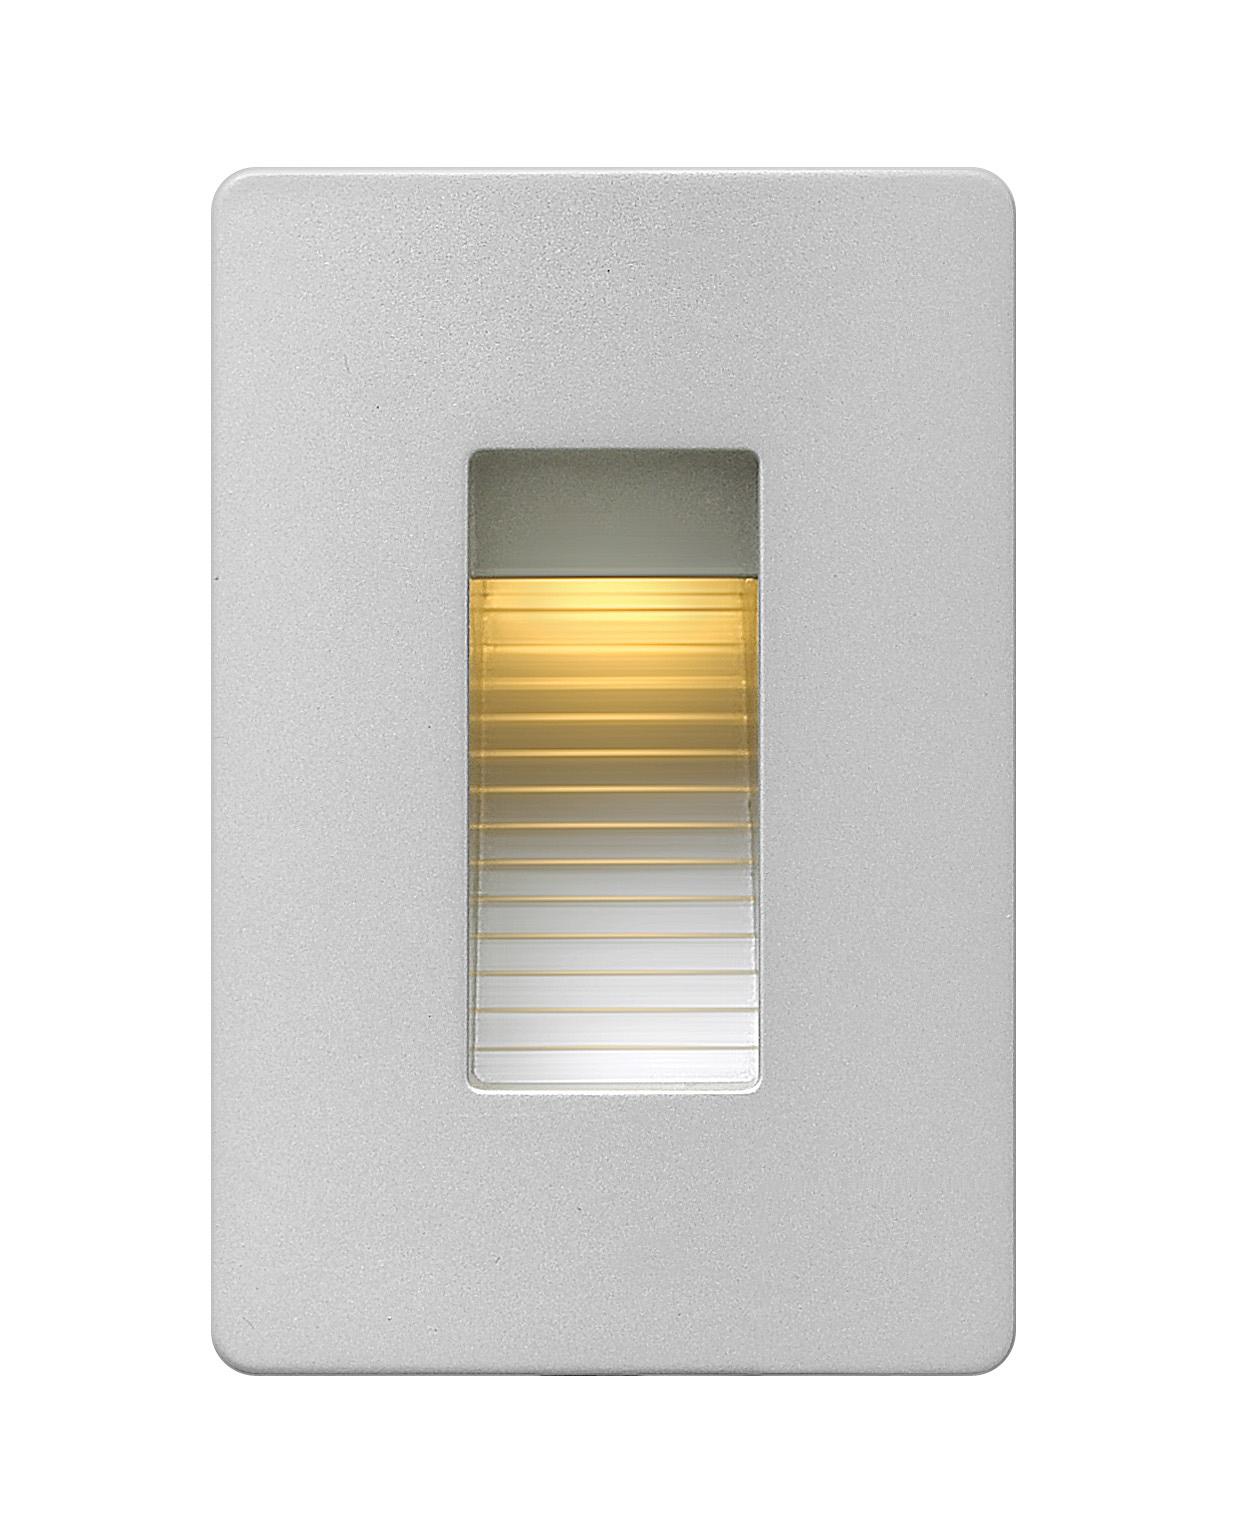 120v luna vertical step light by hinkley lighting 58504tt